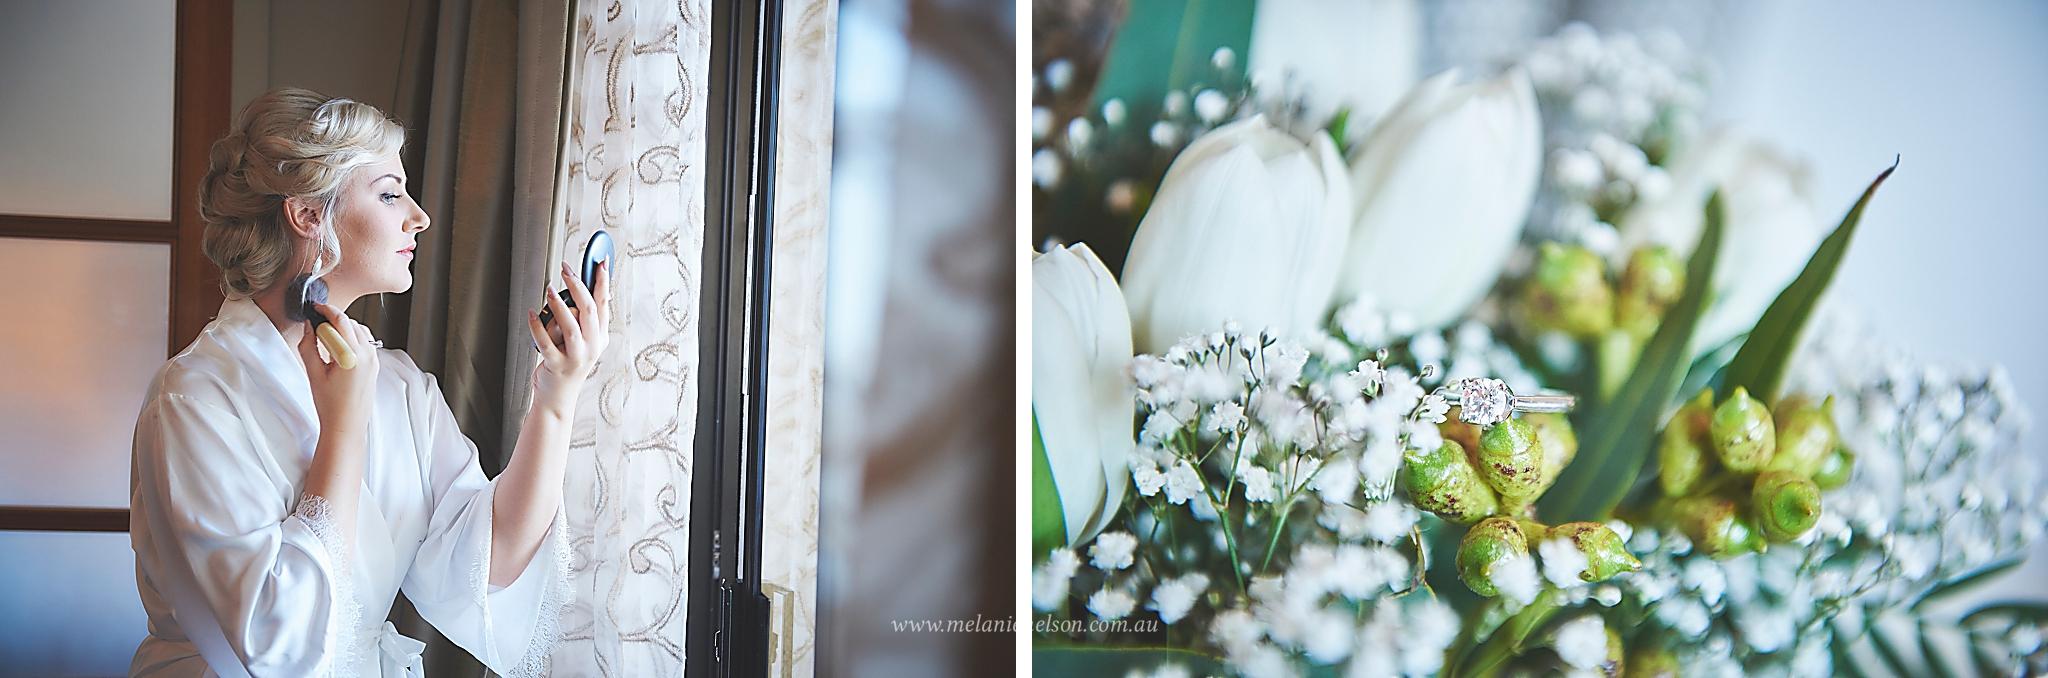 adelaide_wedding_photography07.jpg